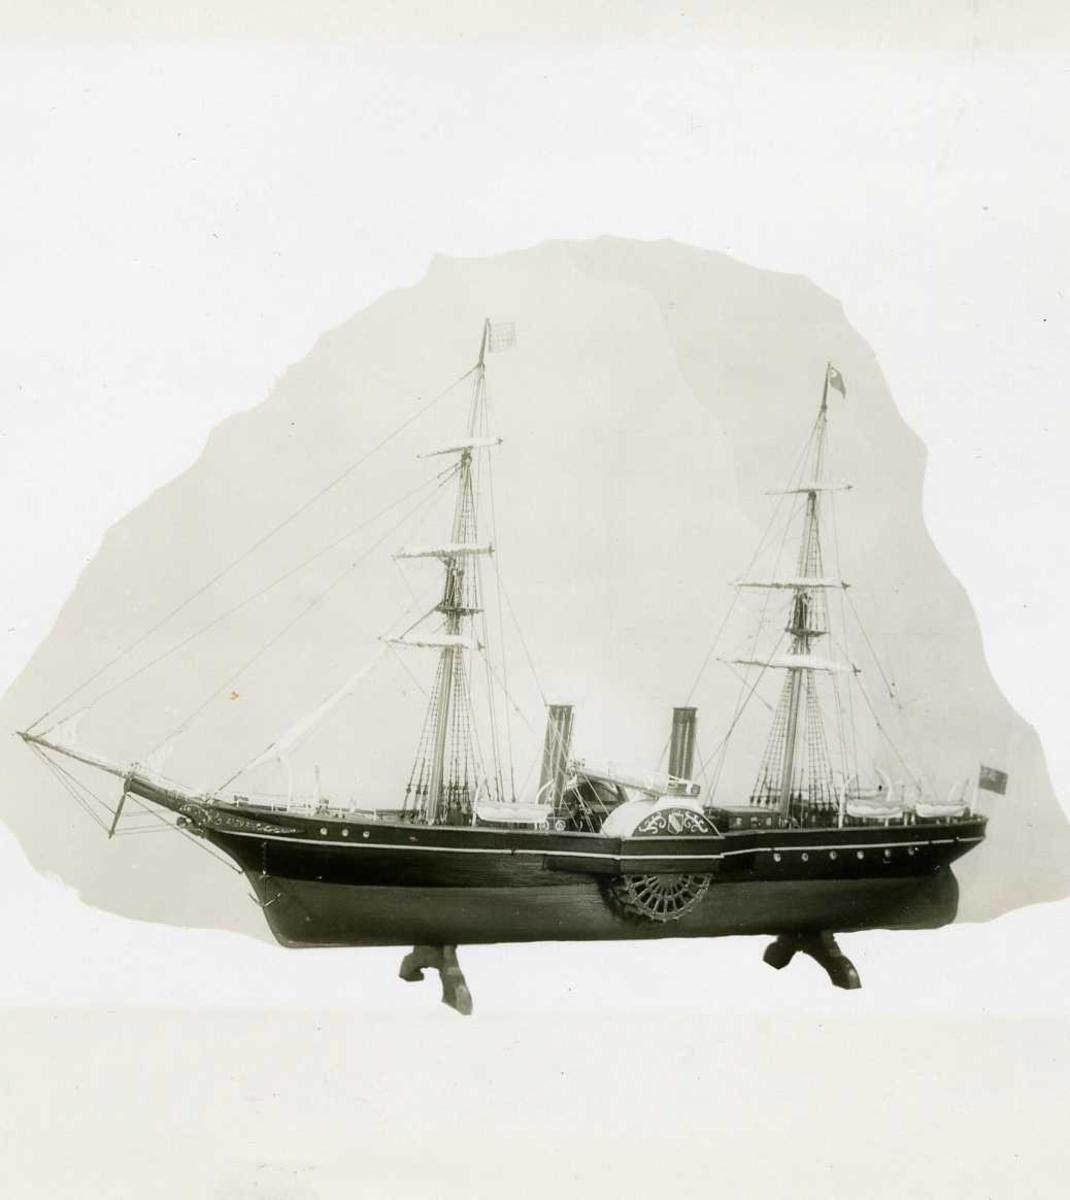 Fartøybilder fra Agder.   Navn:  Persia Atlanterhavsdamper, bygget i 1855 i Glagow av Ropert Napier & Sons, rederi Cunard Line, mål 376ft x 37.6ft, trafikkerte strekningen Liverpool-New York mellom 1856 og 1867, i en periode verdens største skip. Opprinnelig filreferanse i eDepoet: F0120_Fartøybilder-SMW_090507\Persia.tif